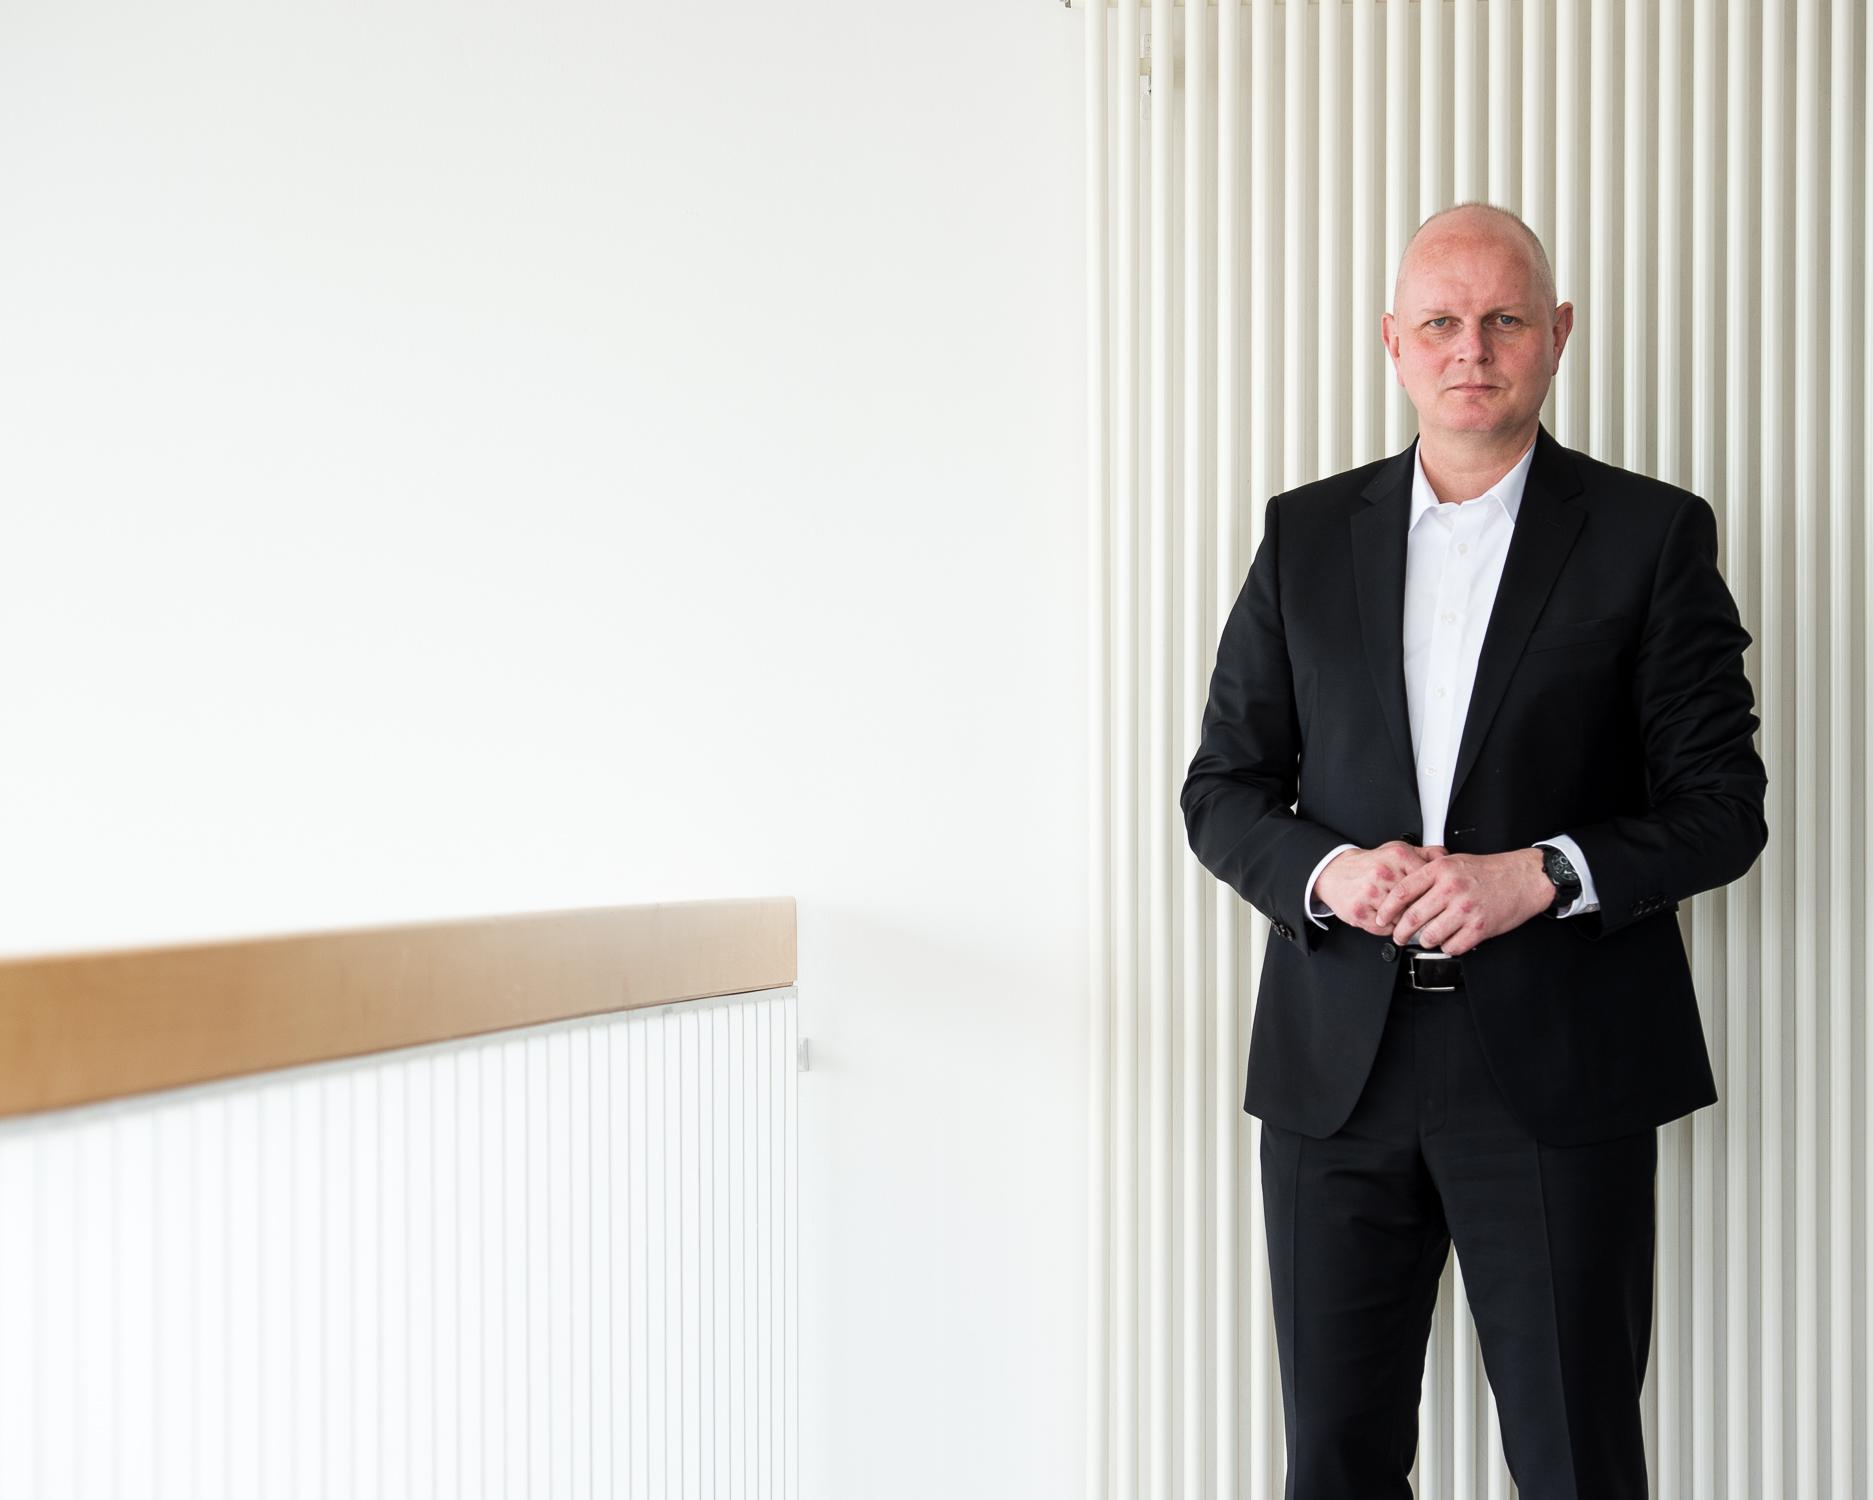 Olaf Koch - Chairman, Metro Group AG